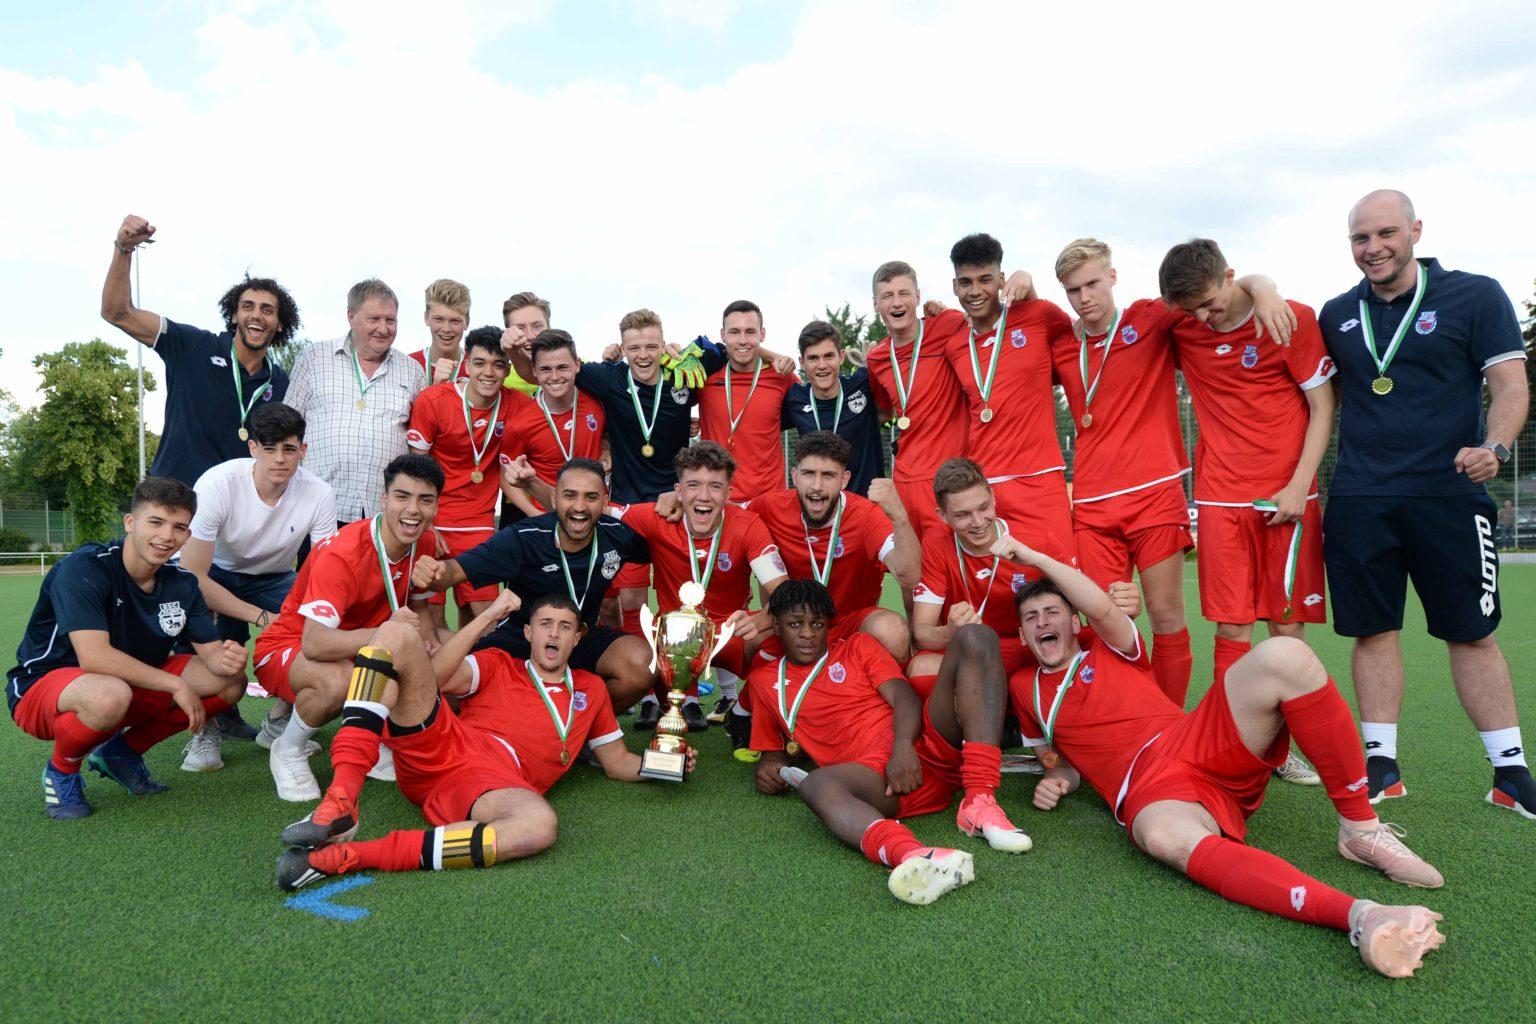 DSC_0814 BSC U19 Kreipokalsieger 2018-19